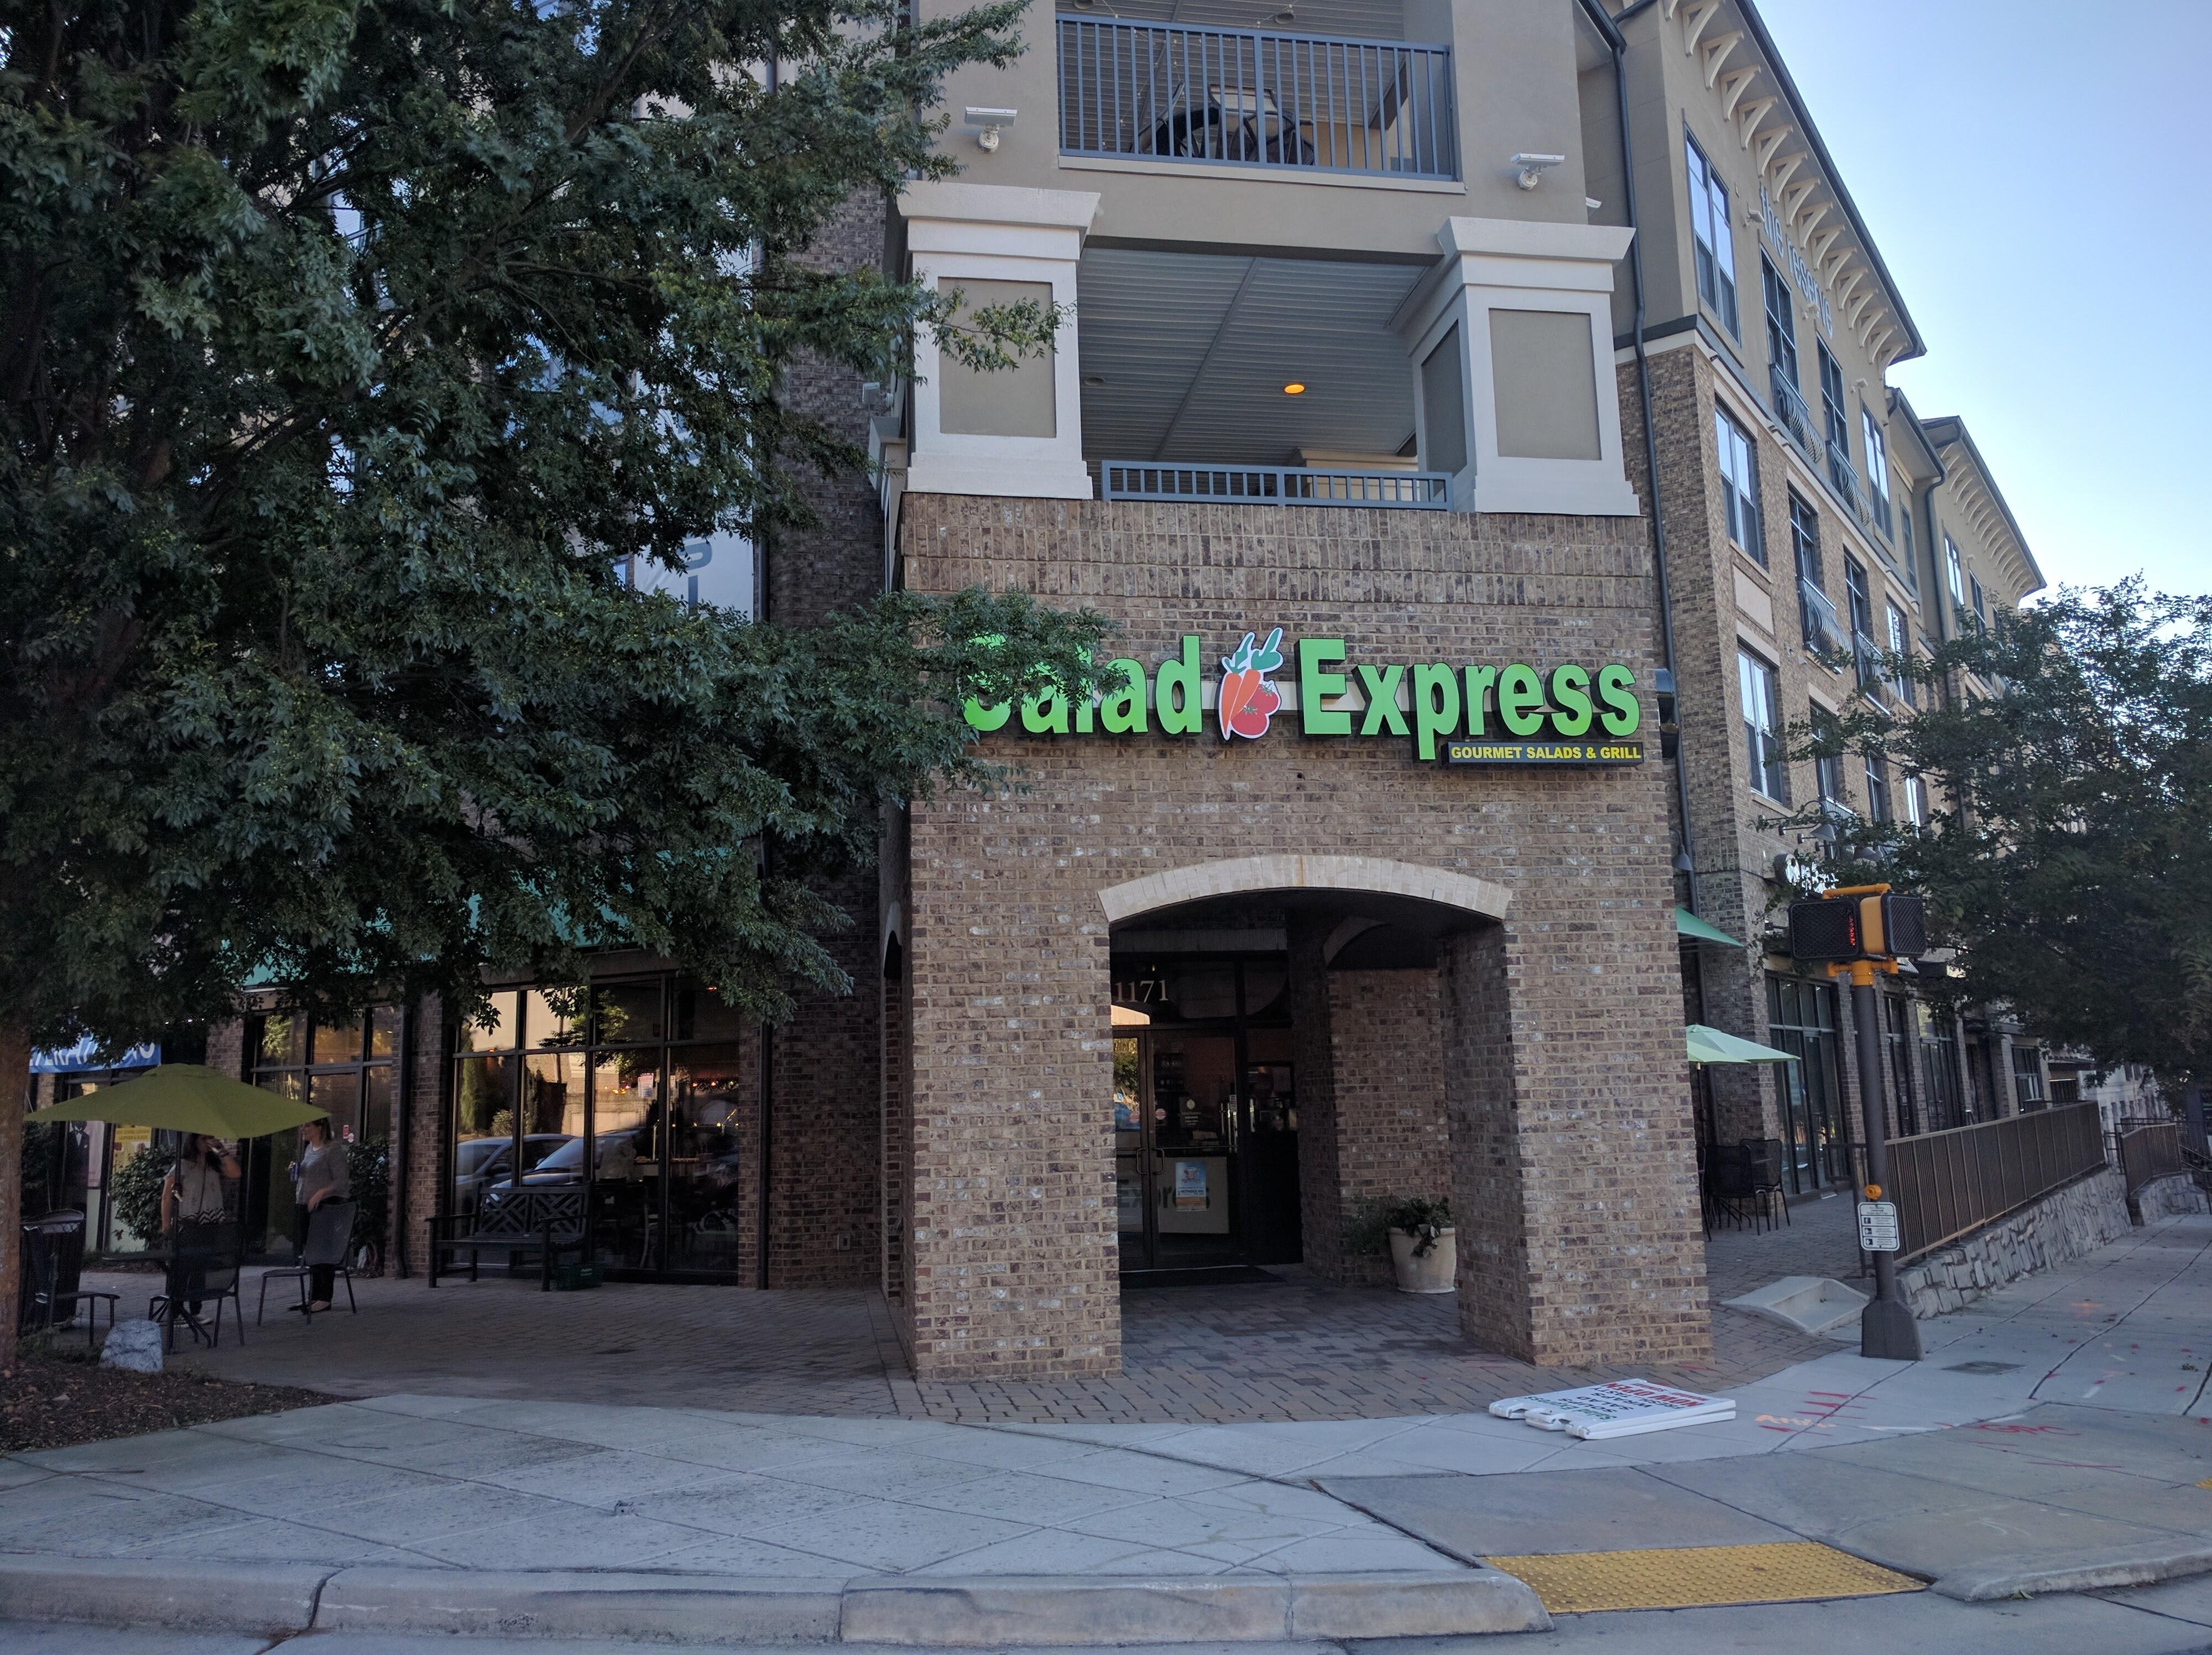 Salad Express exterior